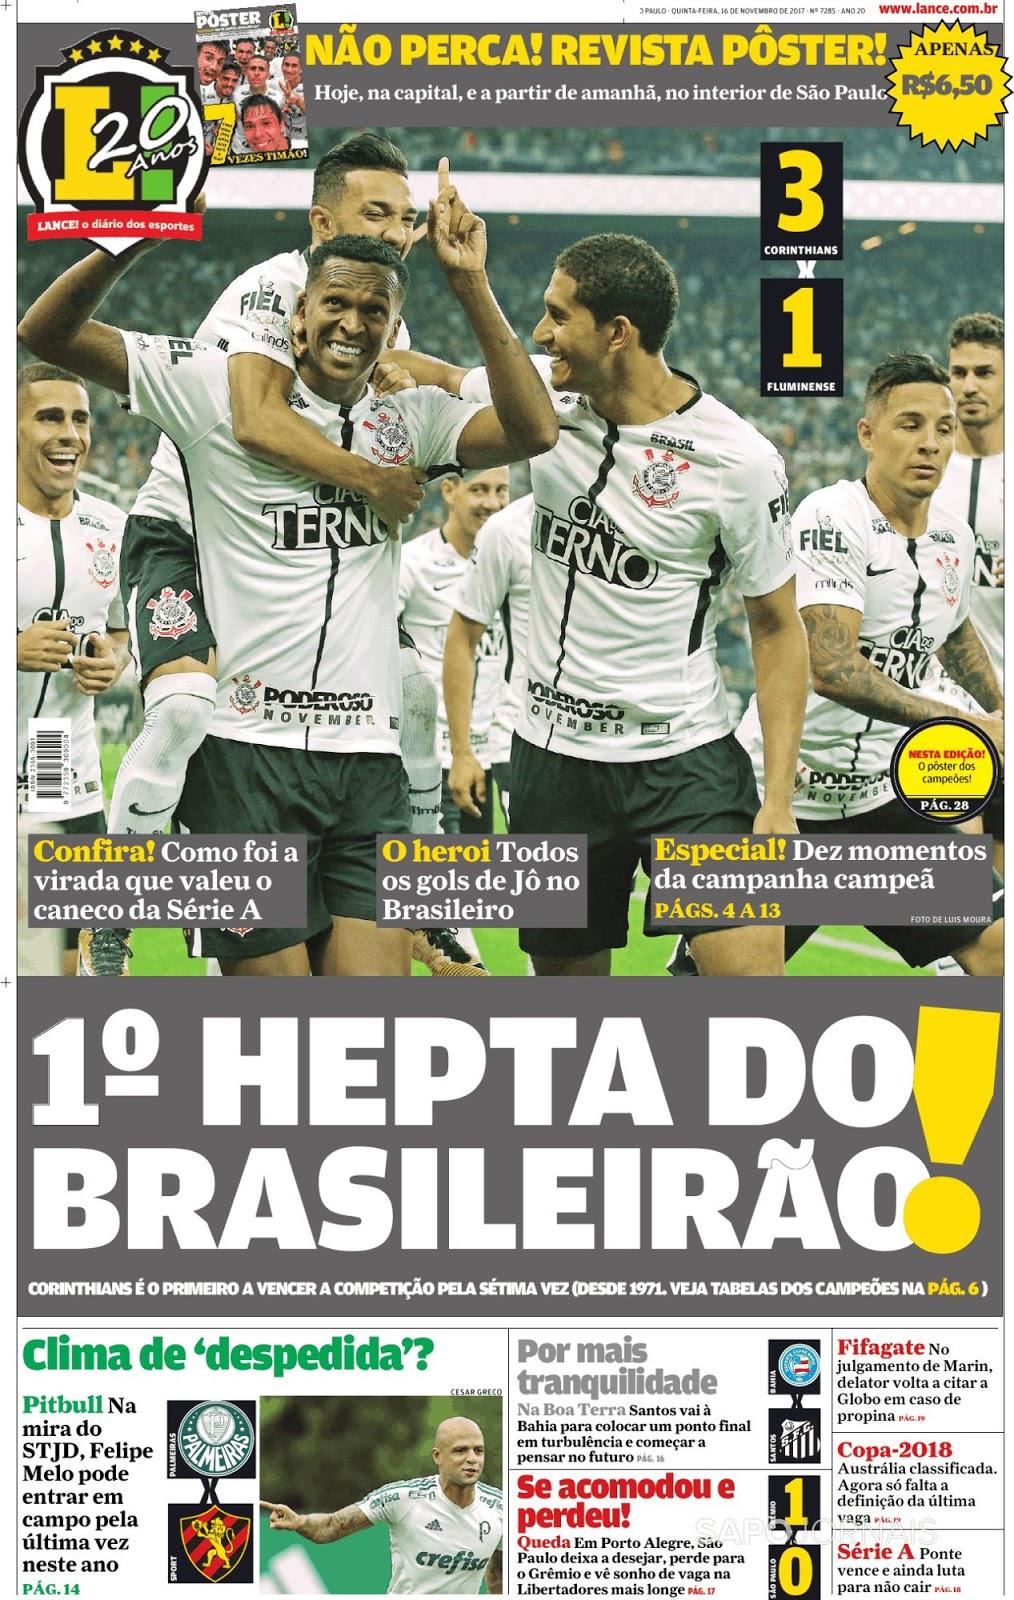 Corinthians vira jogo contra Fluminense e é heptacampeão brasileiro (vídeo  e pôster) b37a26d561d83